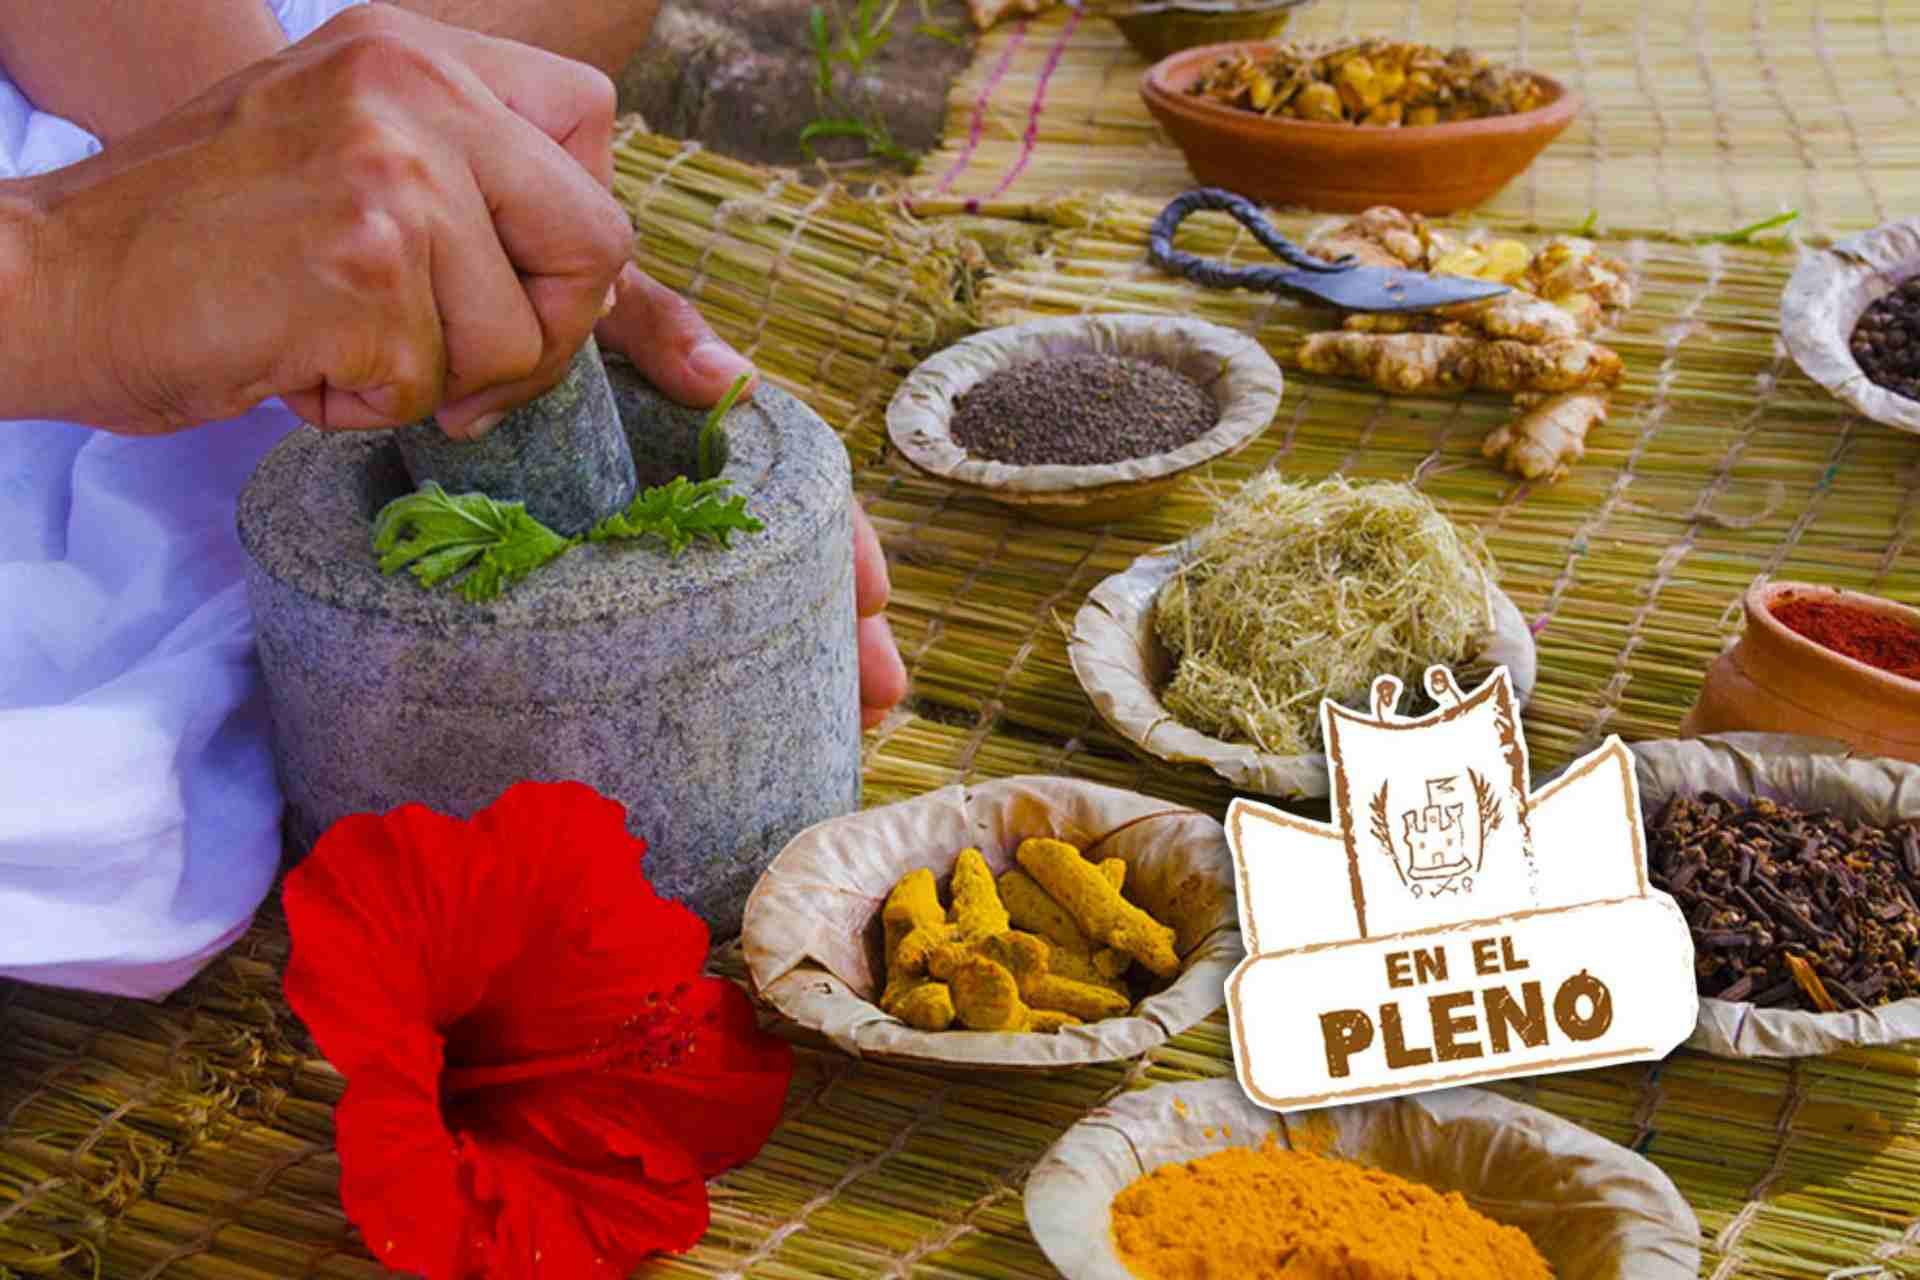 medicina-tradicional-mexico-escenario-congreso-Tlaxcala.